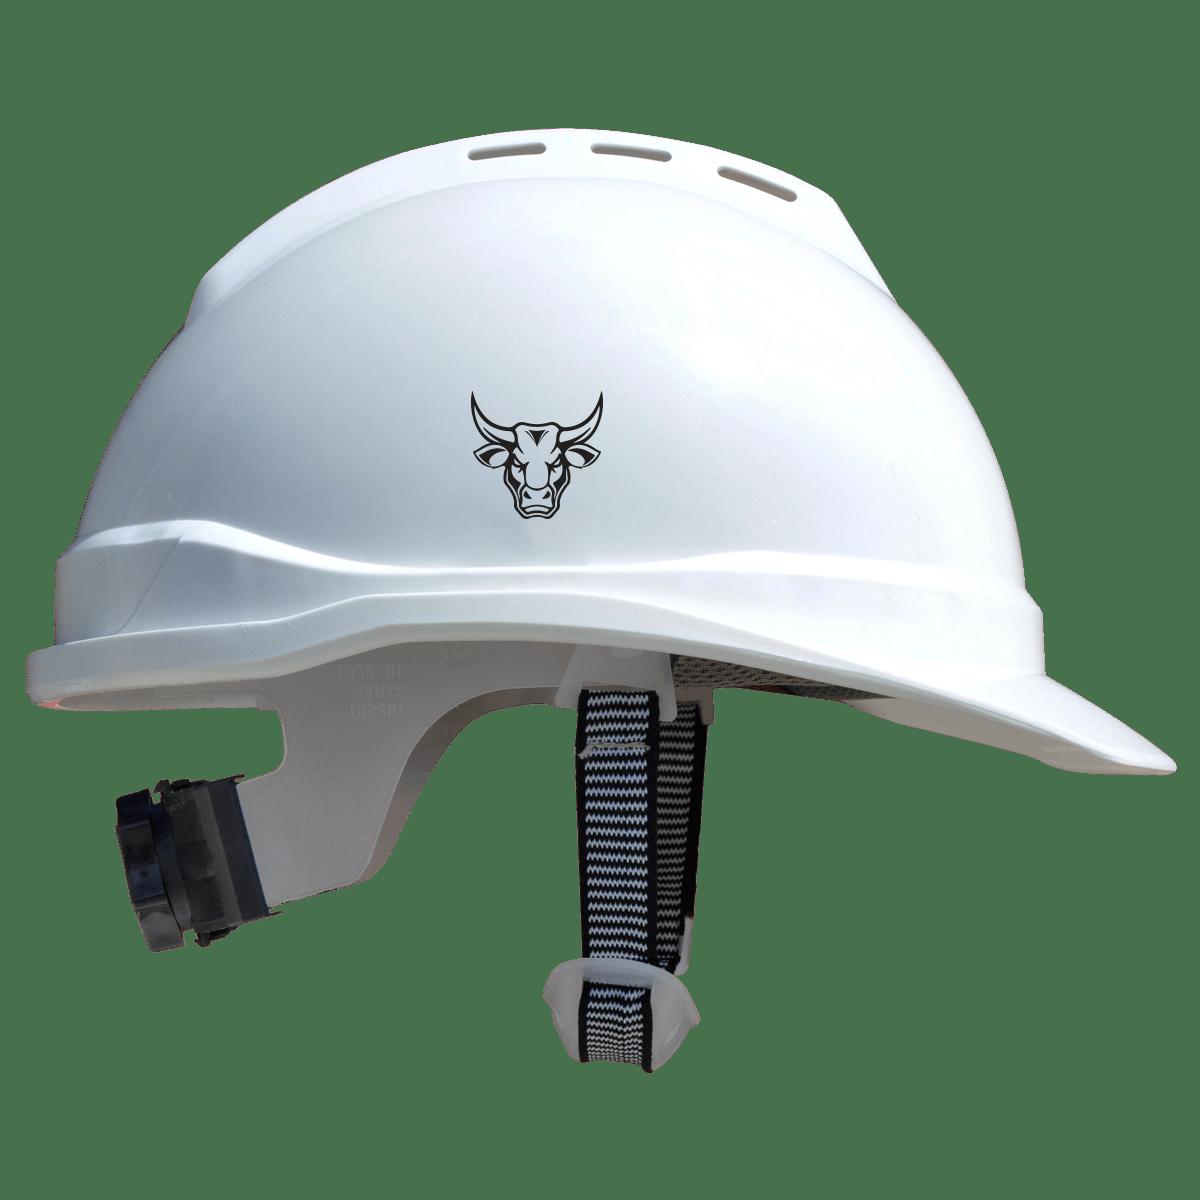 Pitbull Helmet White